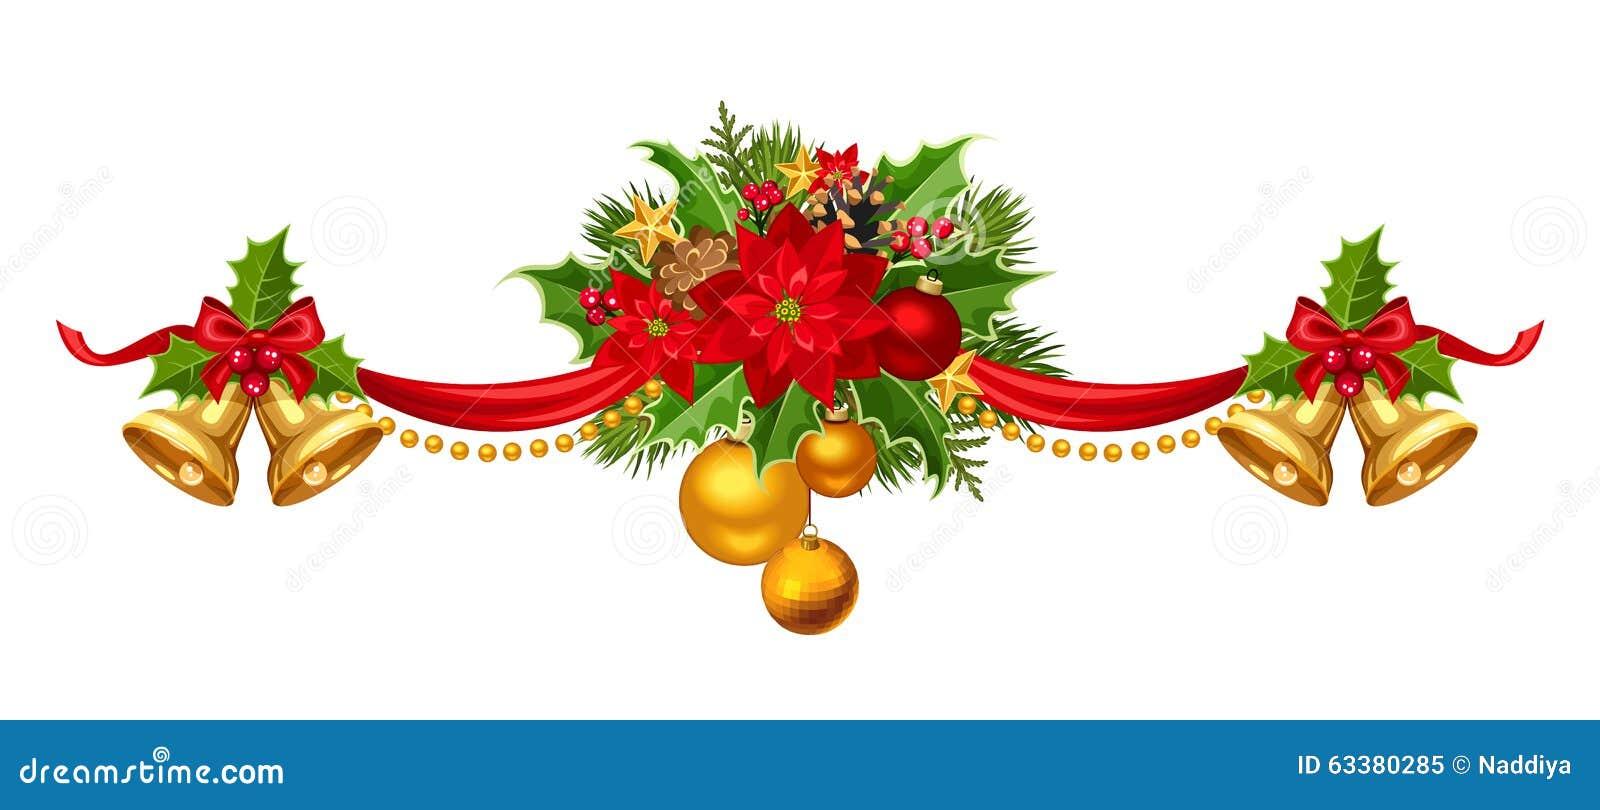 guirnalda de la navidad ilustracin del vector - Guirnaldas De Navidad